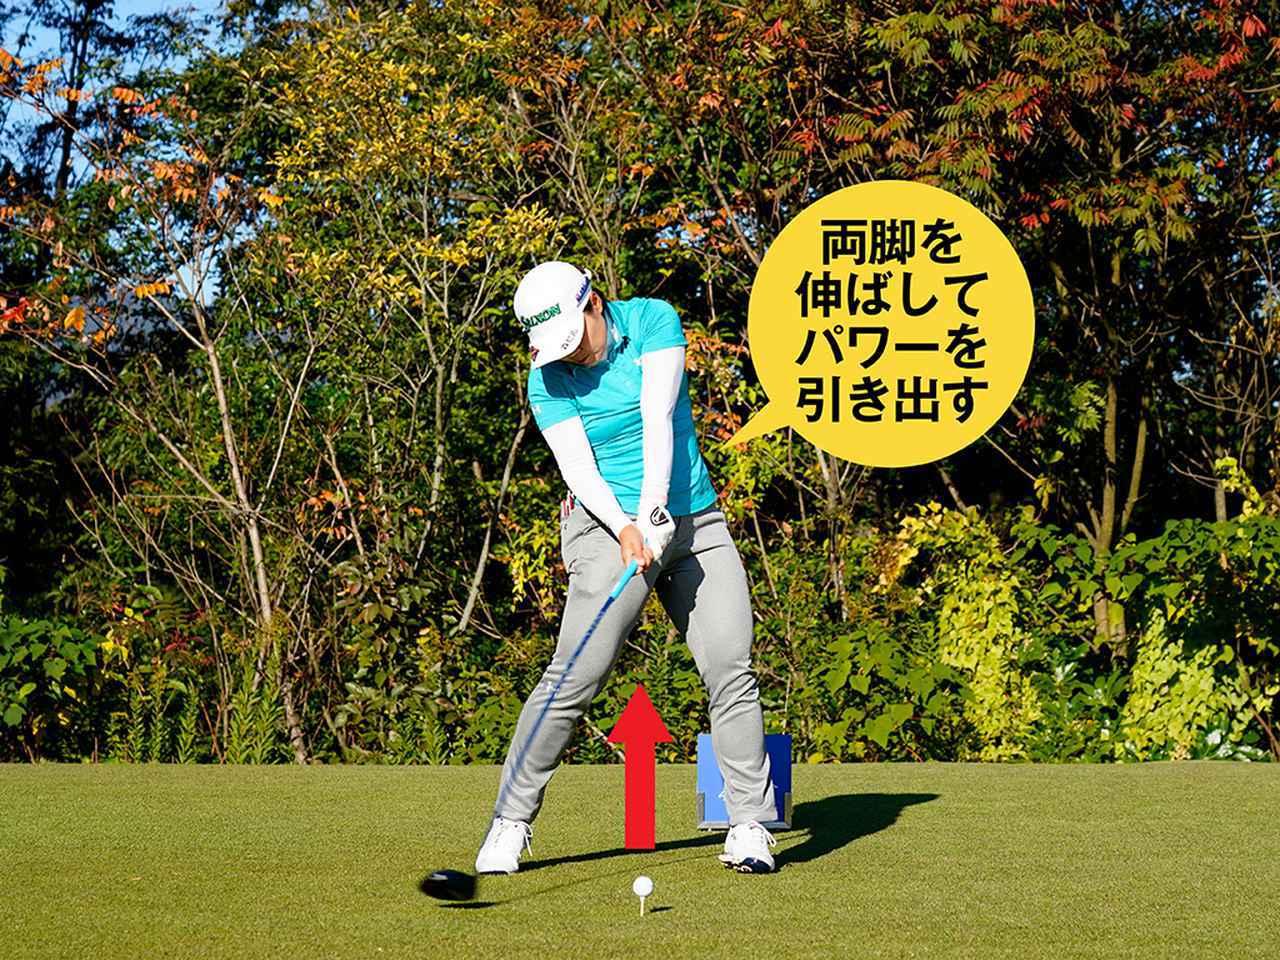 画像9: 【畑岡奈紗】フットワークで腕とクラブを振るパワフルスウィング! 目指すは世界ランキングナンバー1